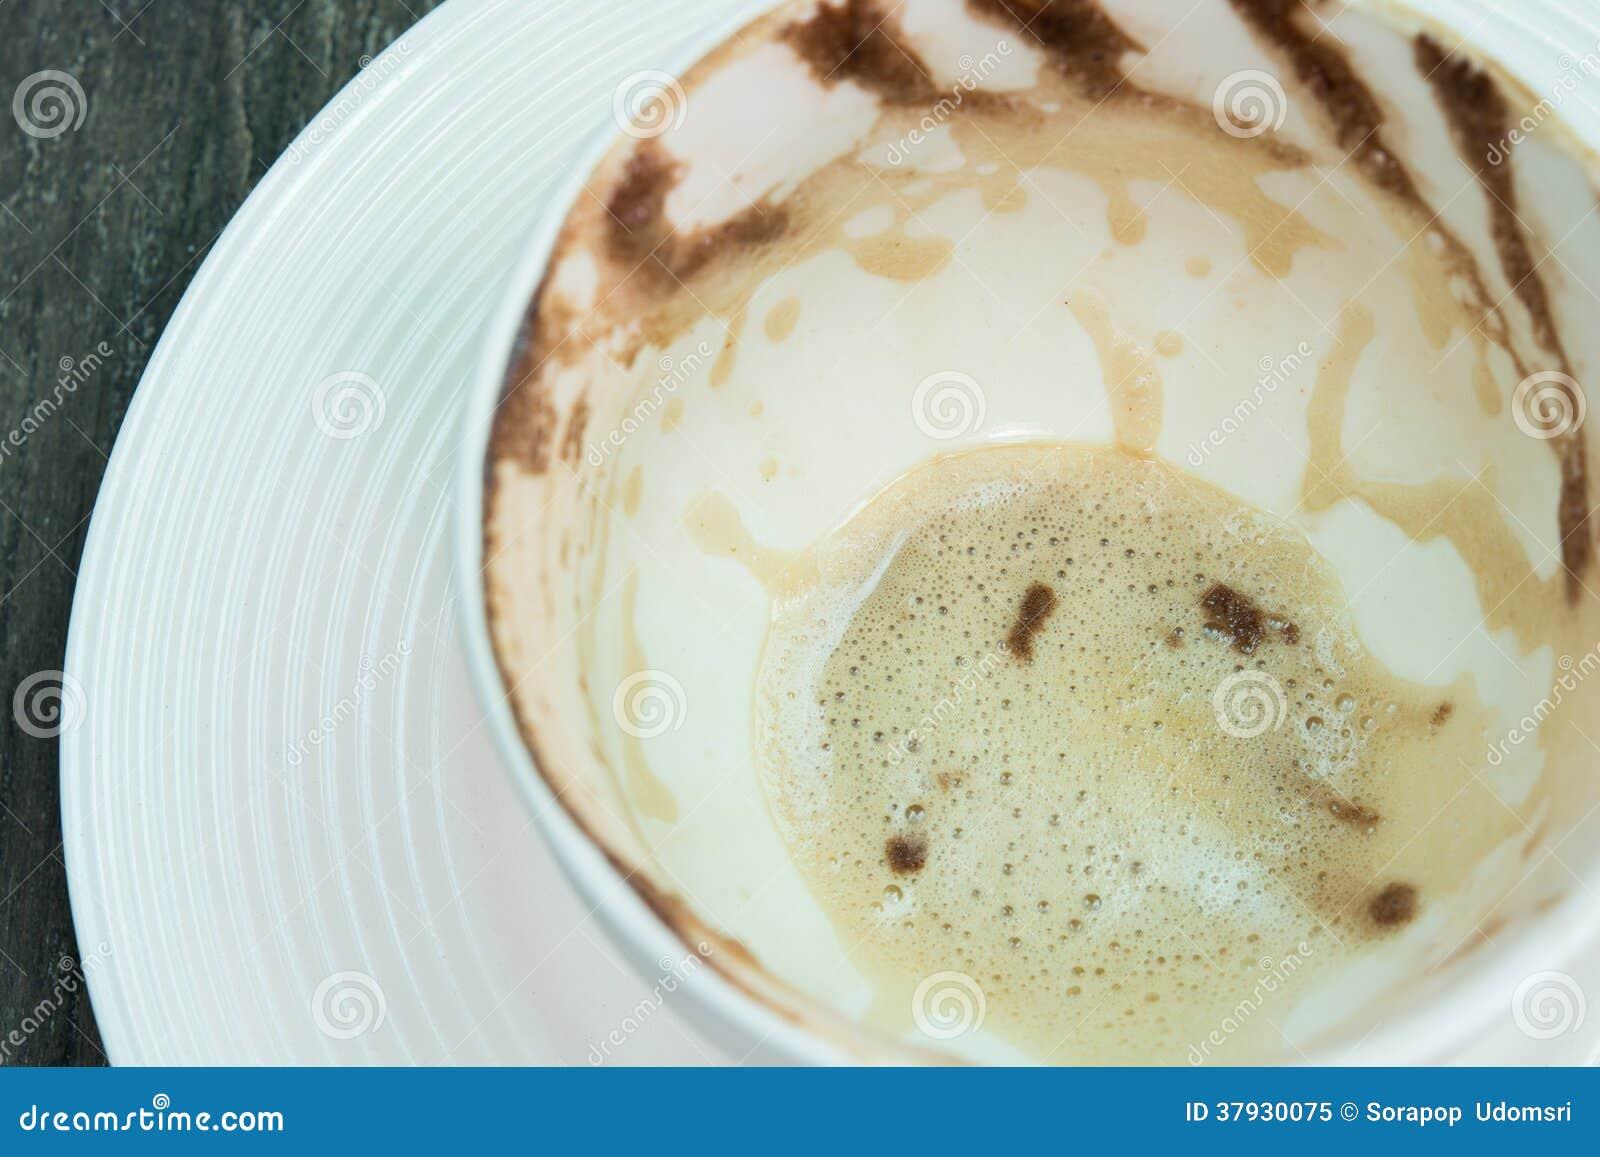 Белая отделка пены чашки кофе